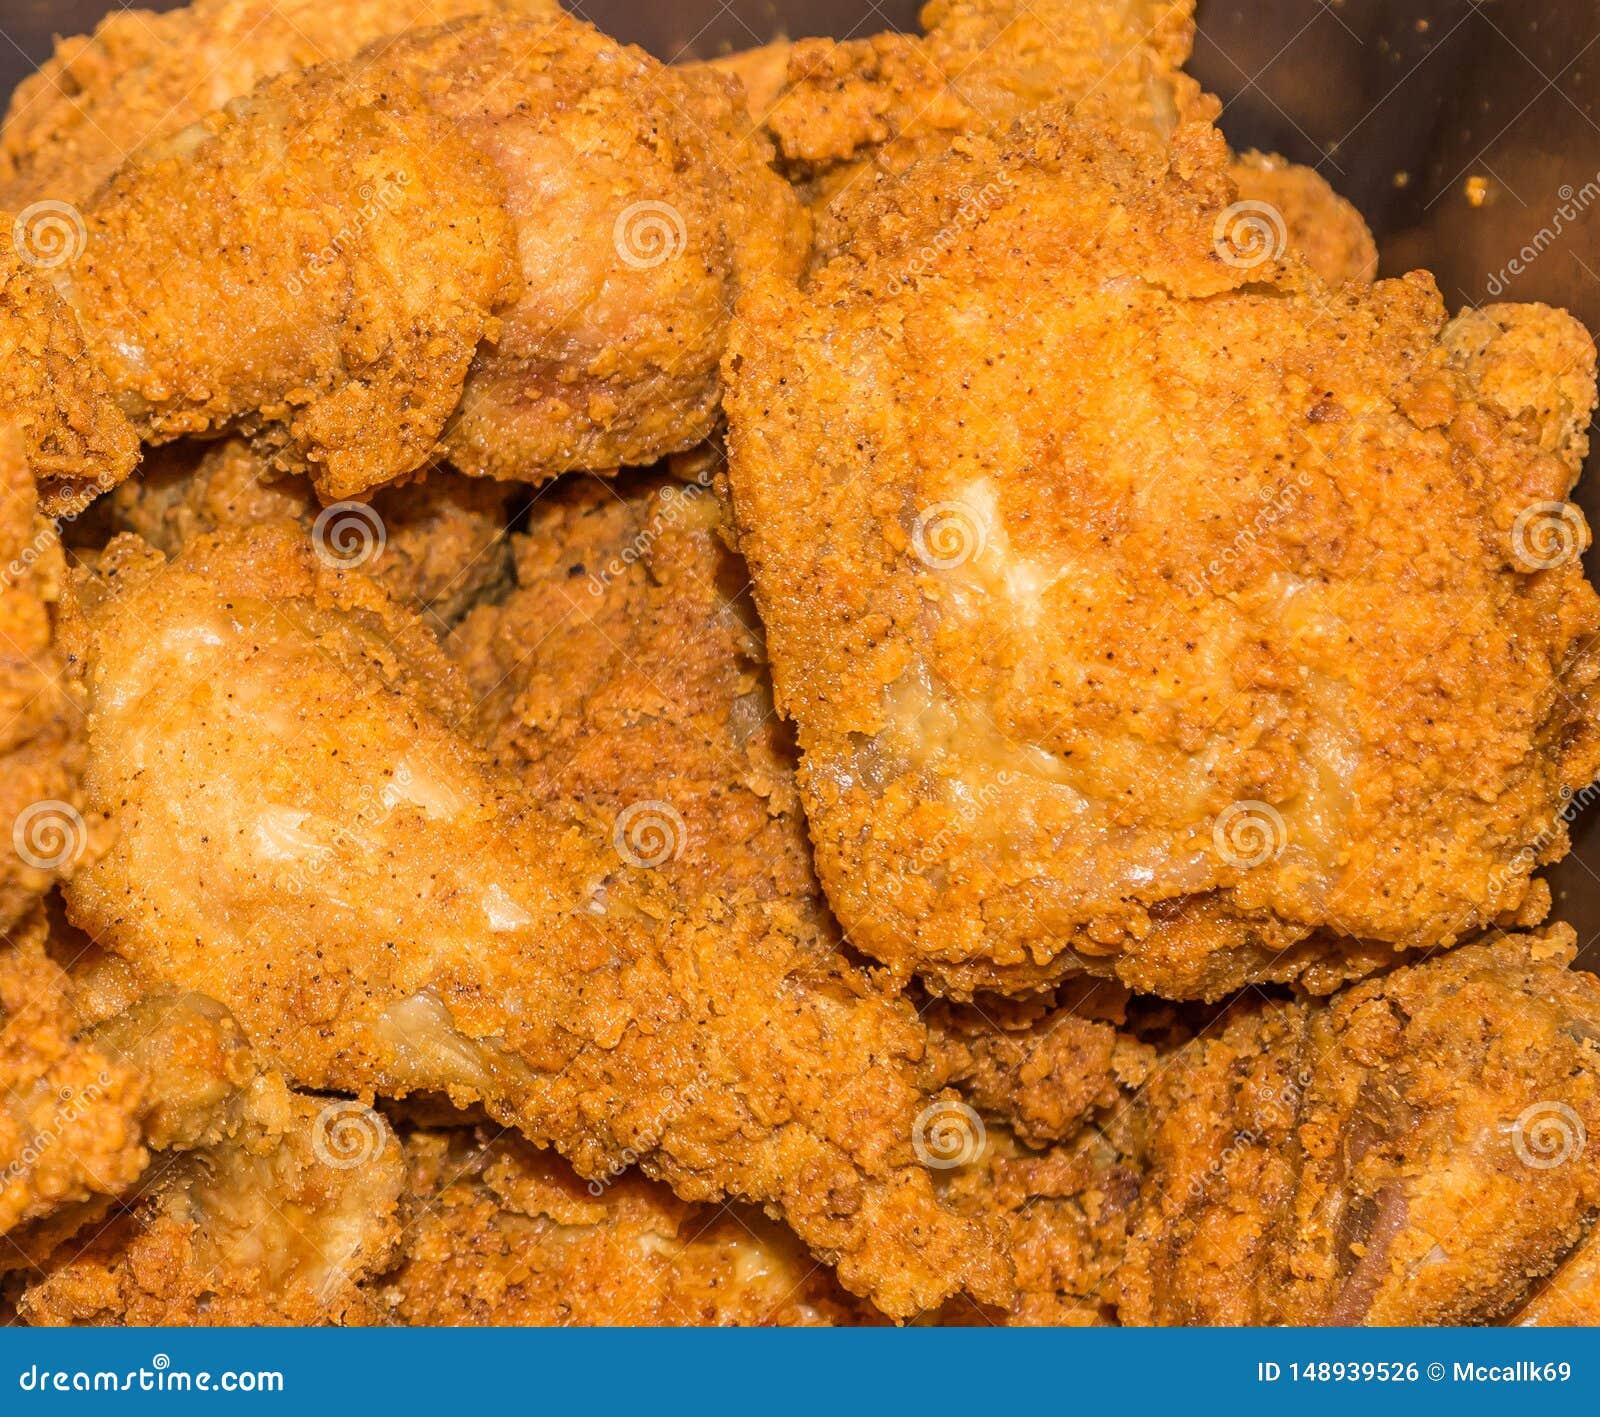 Golden Brown Fried Chicken